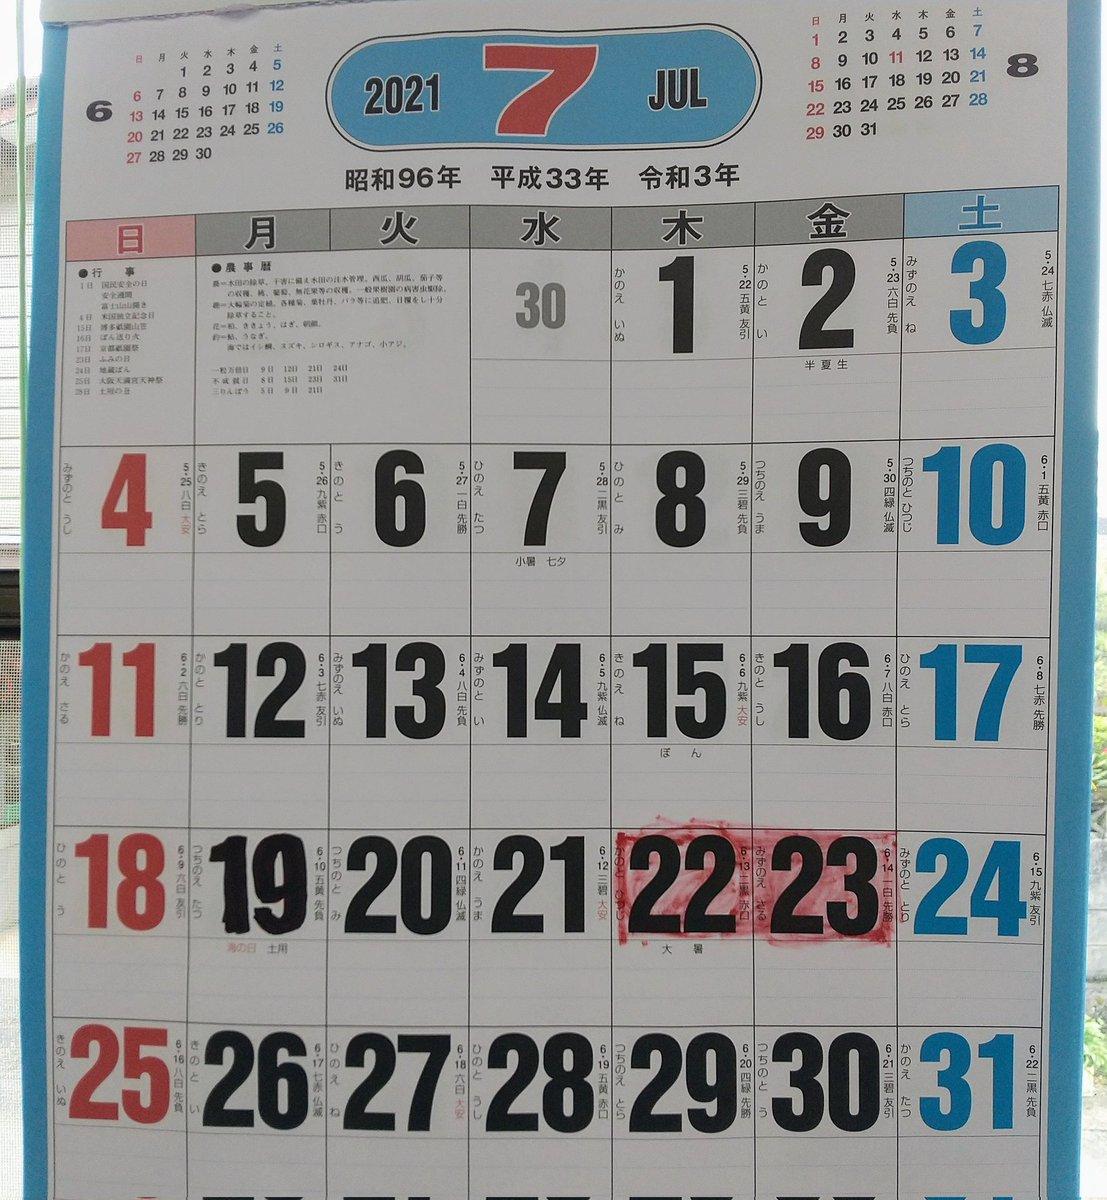 アンミカさんのカレンダー『毎日アンミカ』で名言が炸裂!胸に沁みる深い言葉が書いてあると話題に!